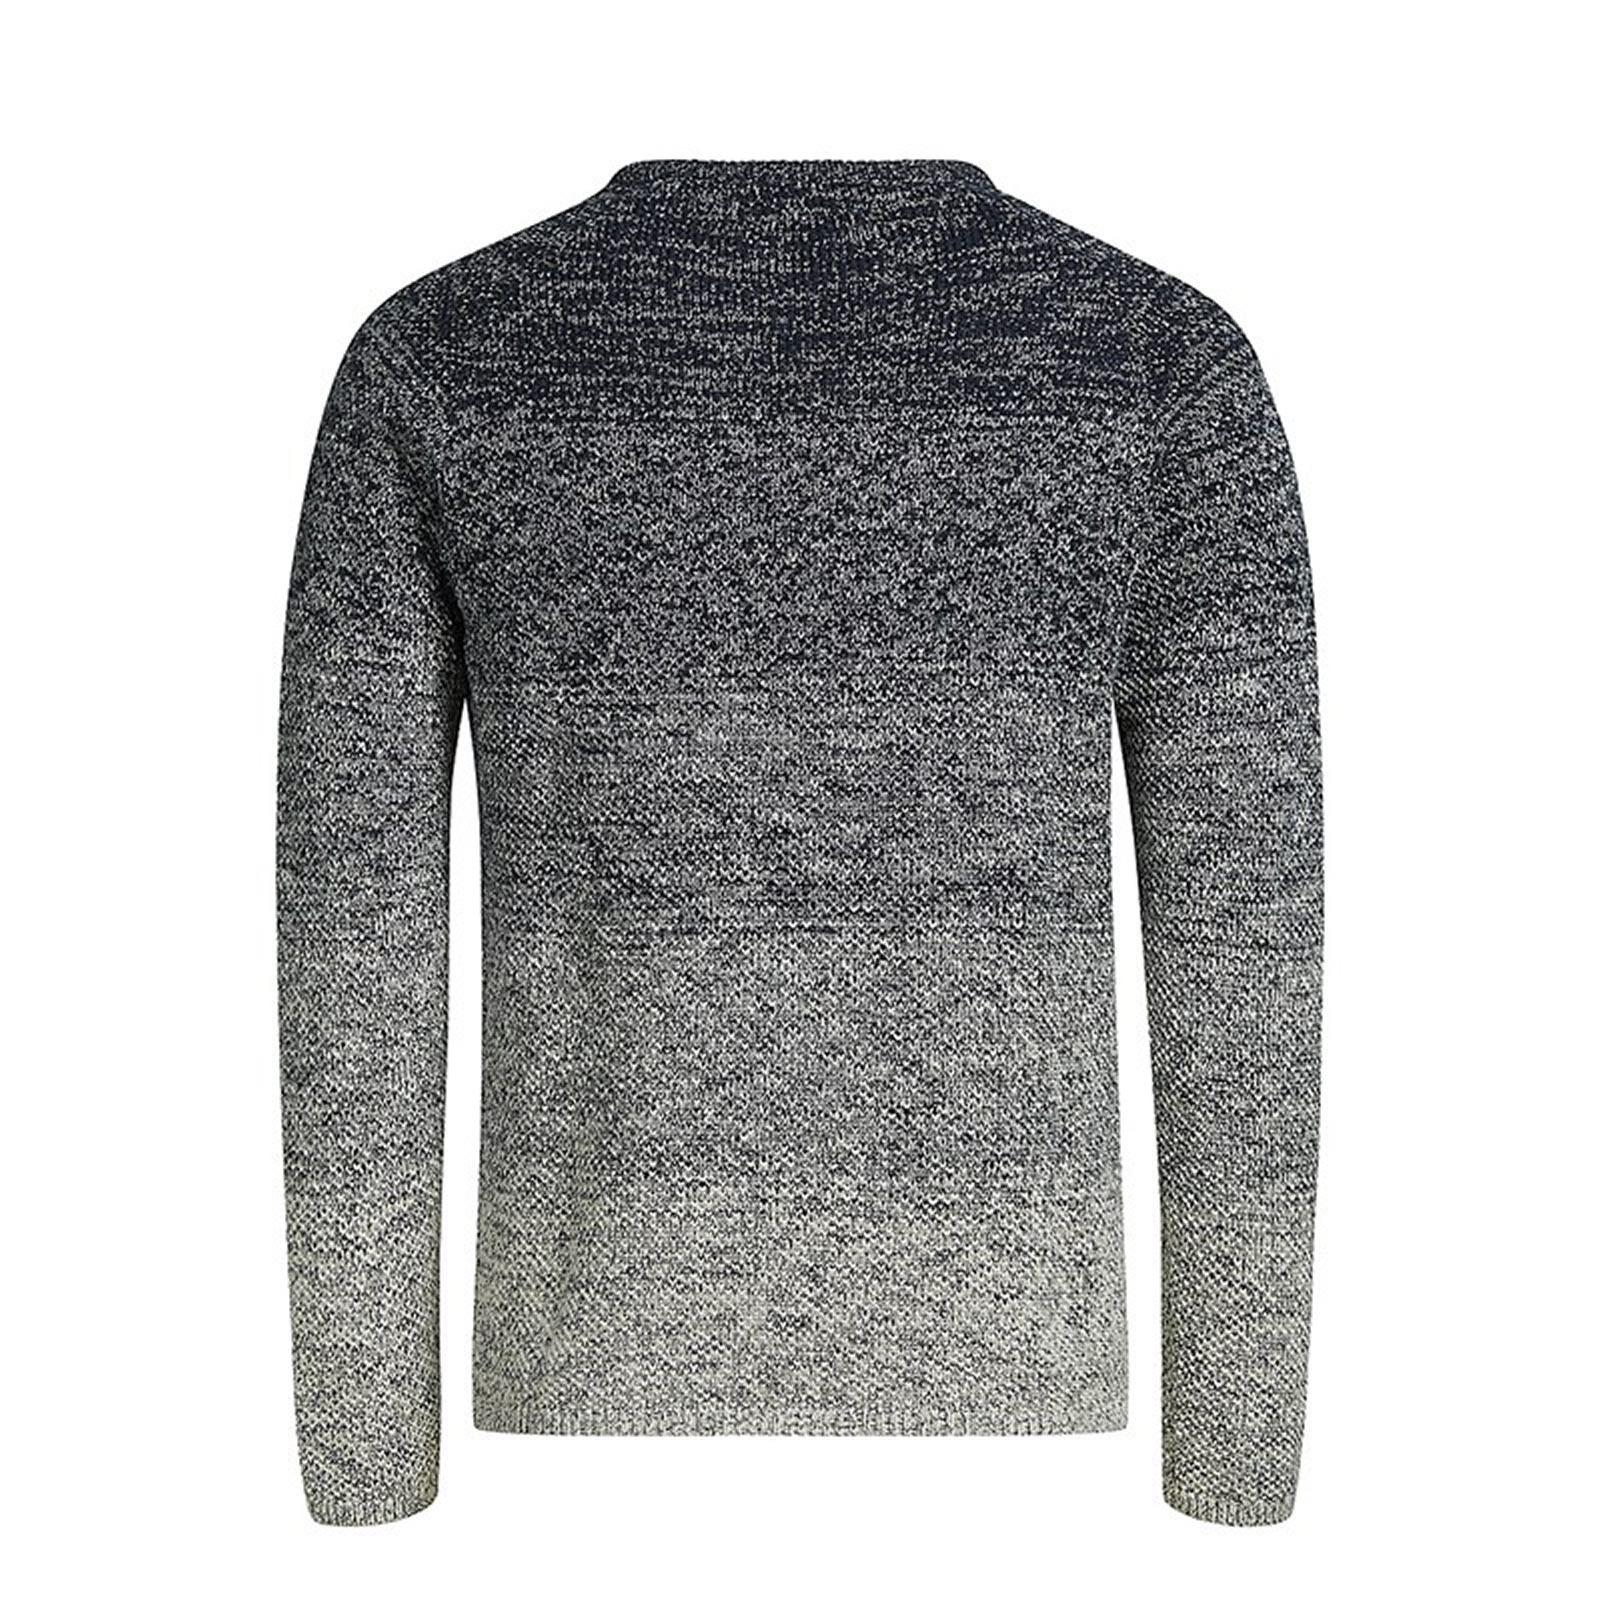 JACK-amp-JONES-CARBURANTE-Maglione-da-Uomo-Lavorato-a-Maglia-Girocollo-Pullover-sweater miniatura 7